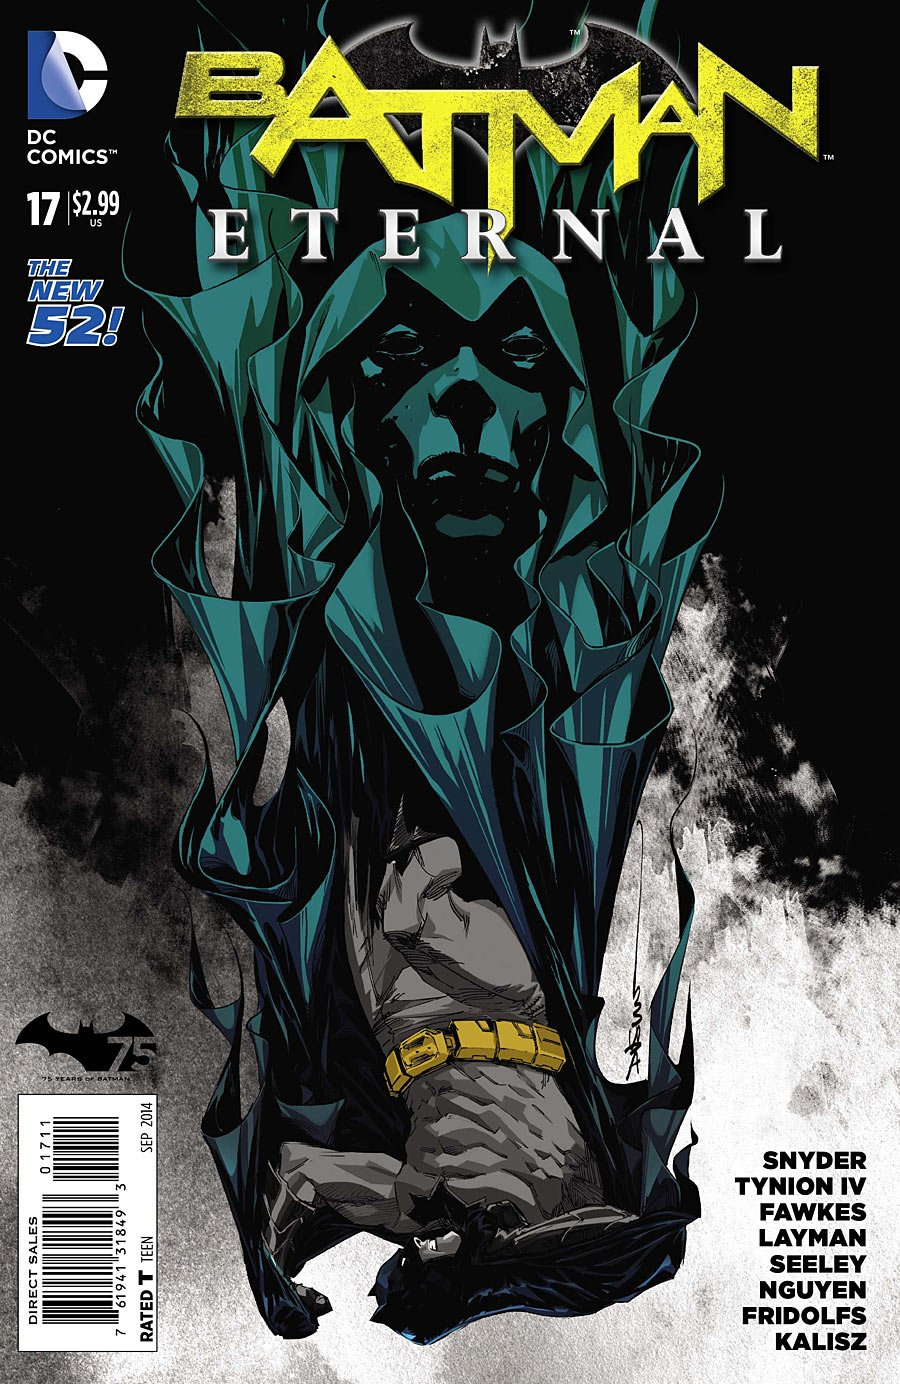 Download Batman Eternal #17 Comic Book pdf epub